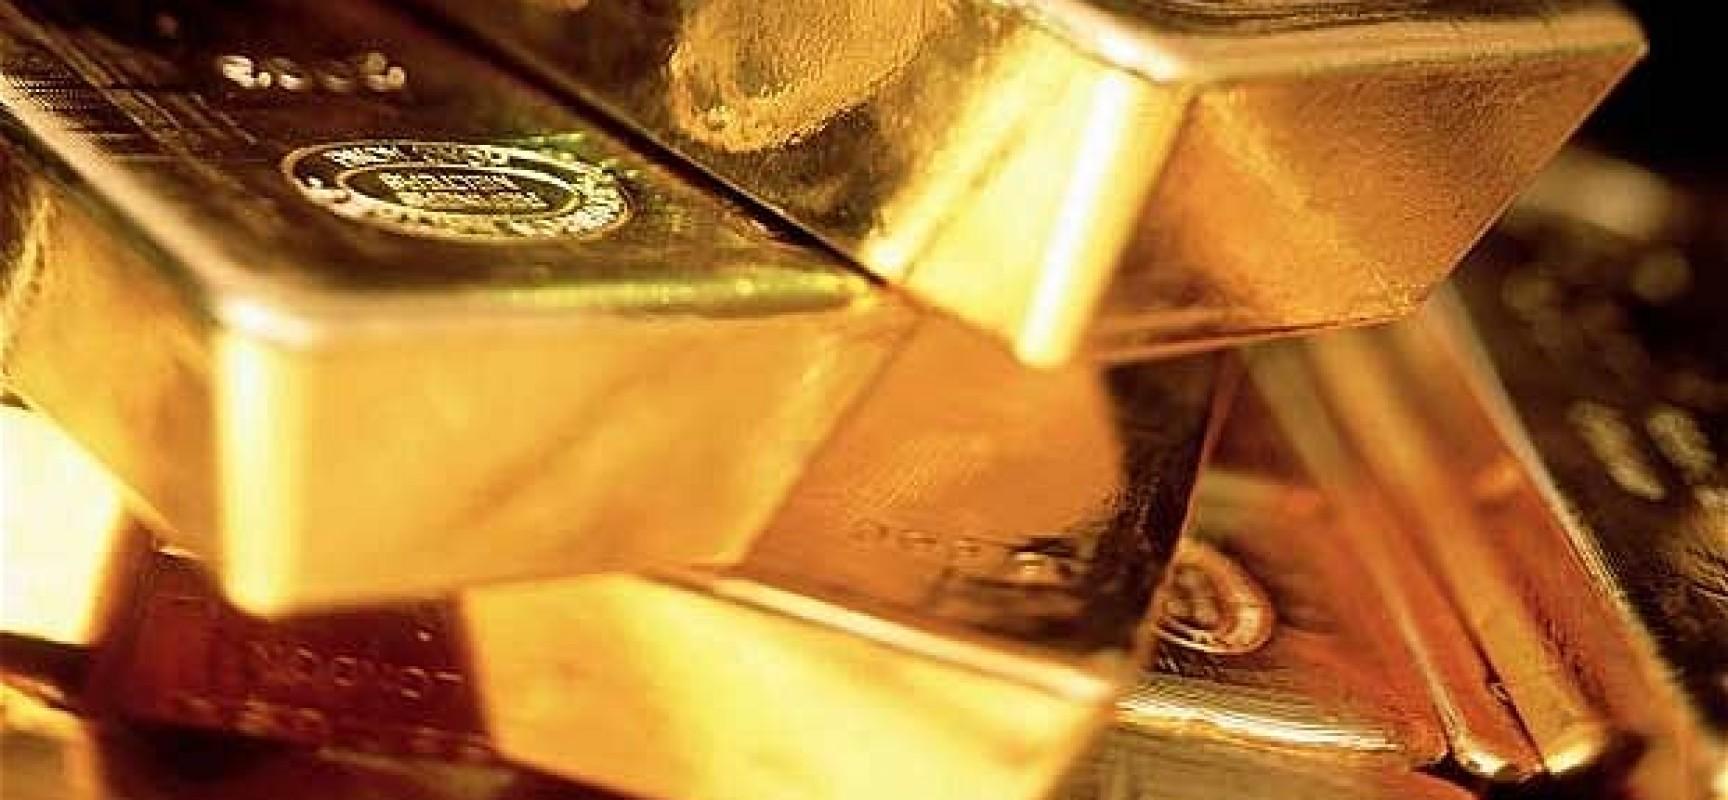 Золотые слитки крупным планом